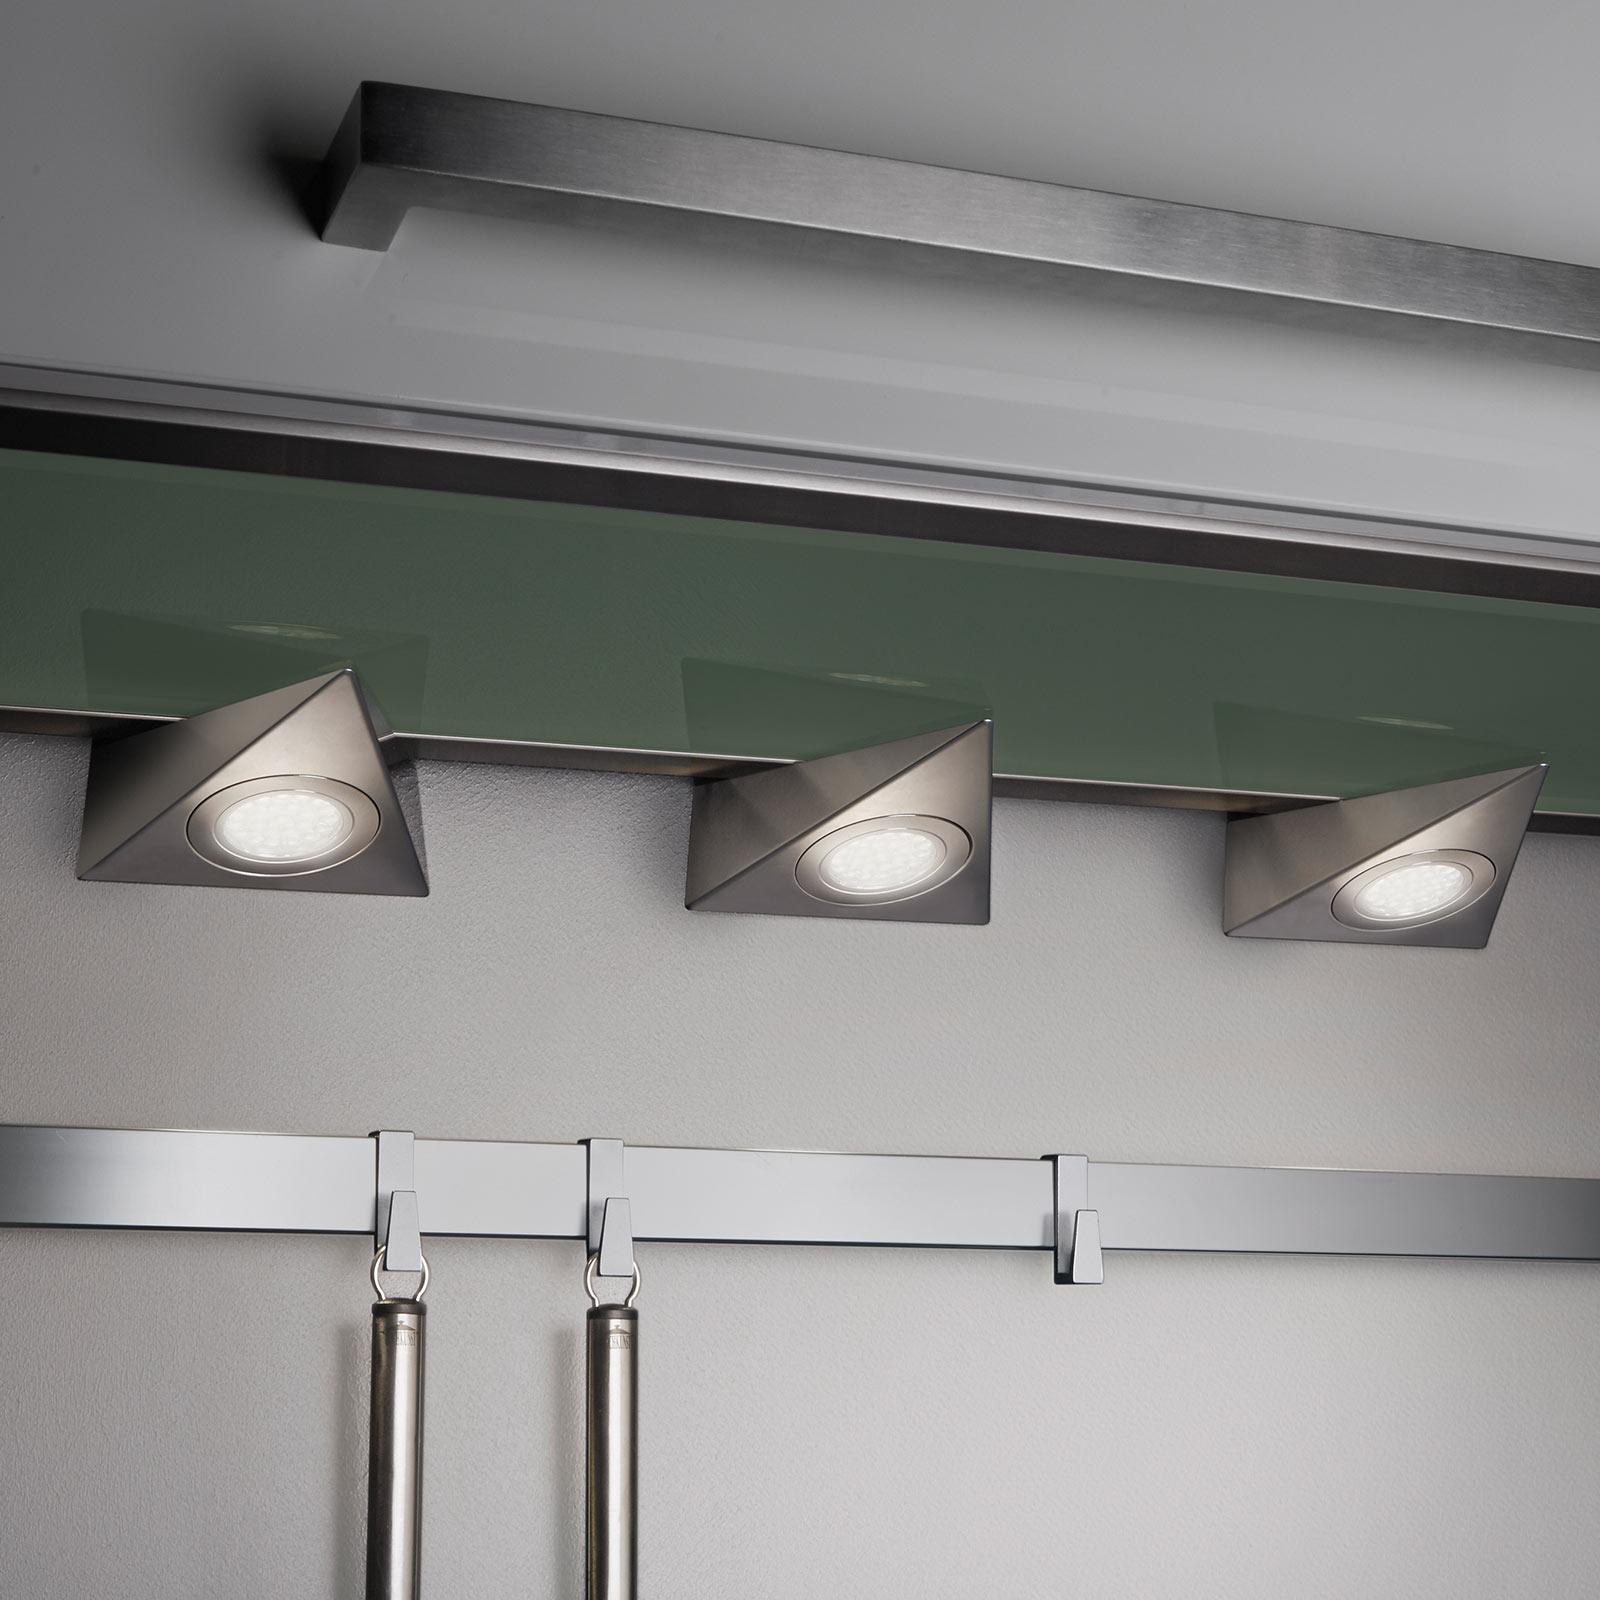 LED-Unterschrankleuchte Ecco 3er-Set, nickel matt